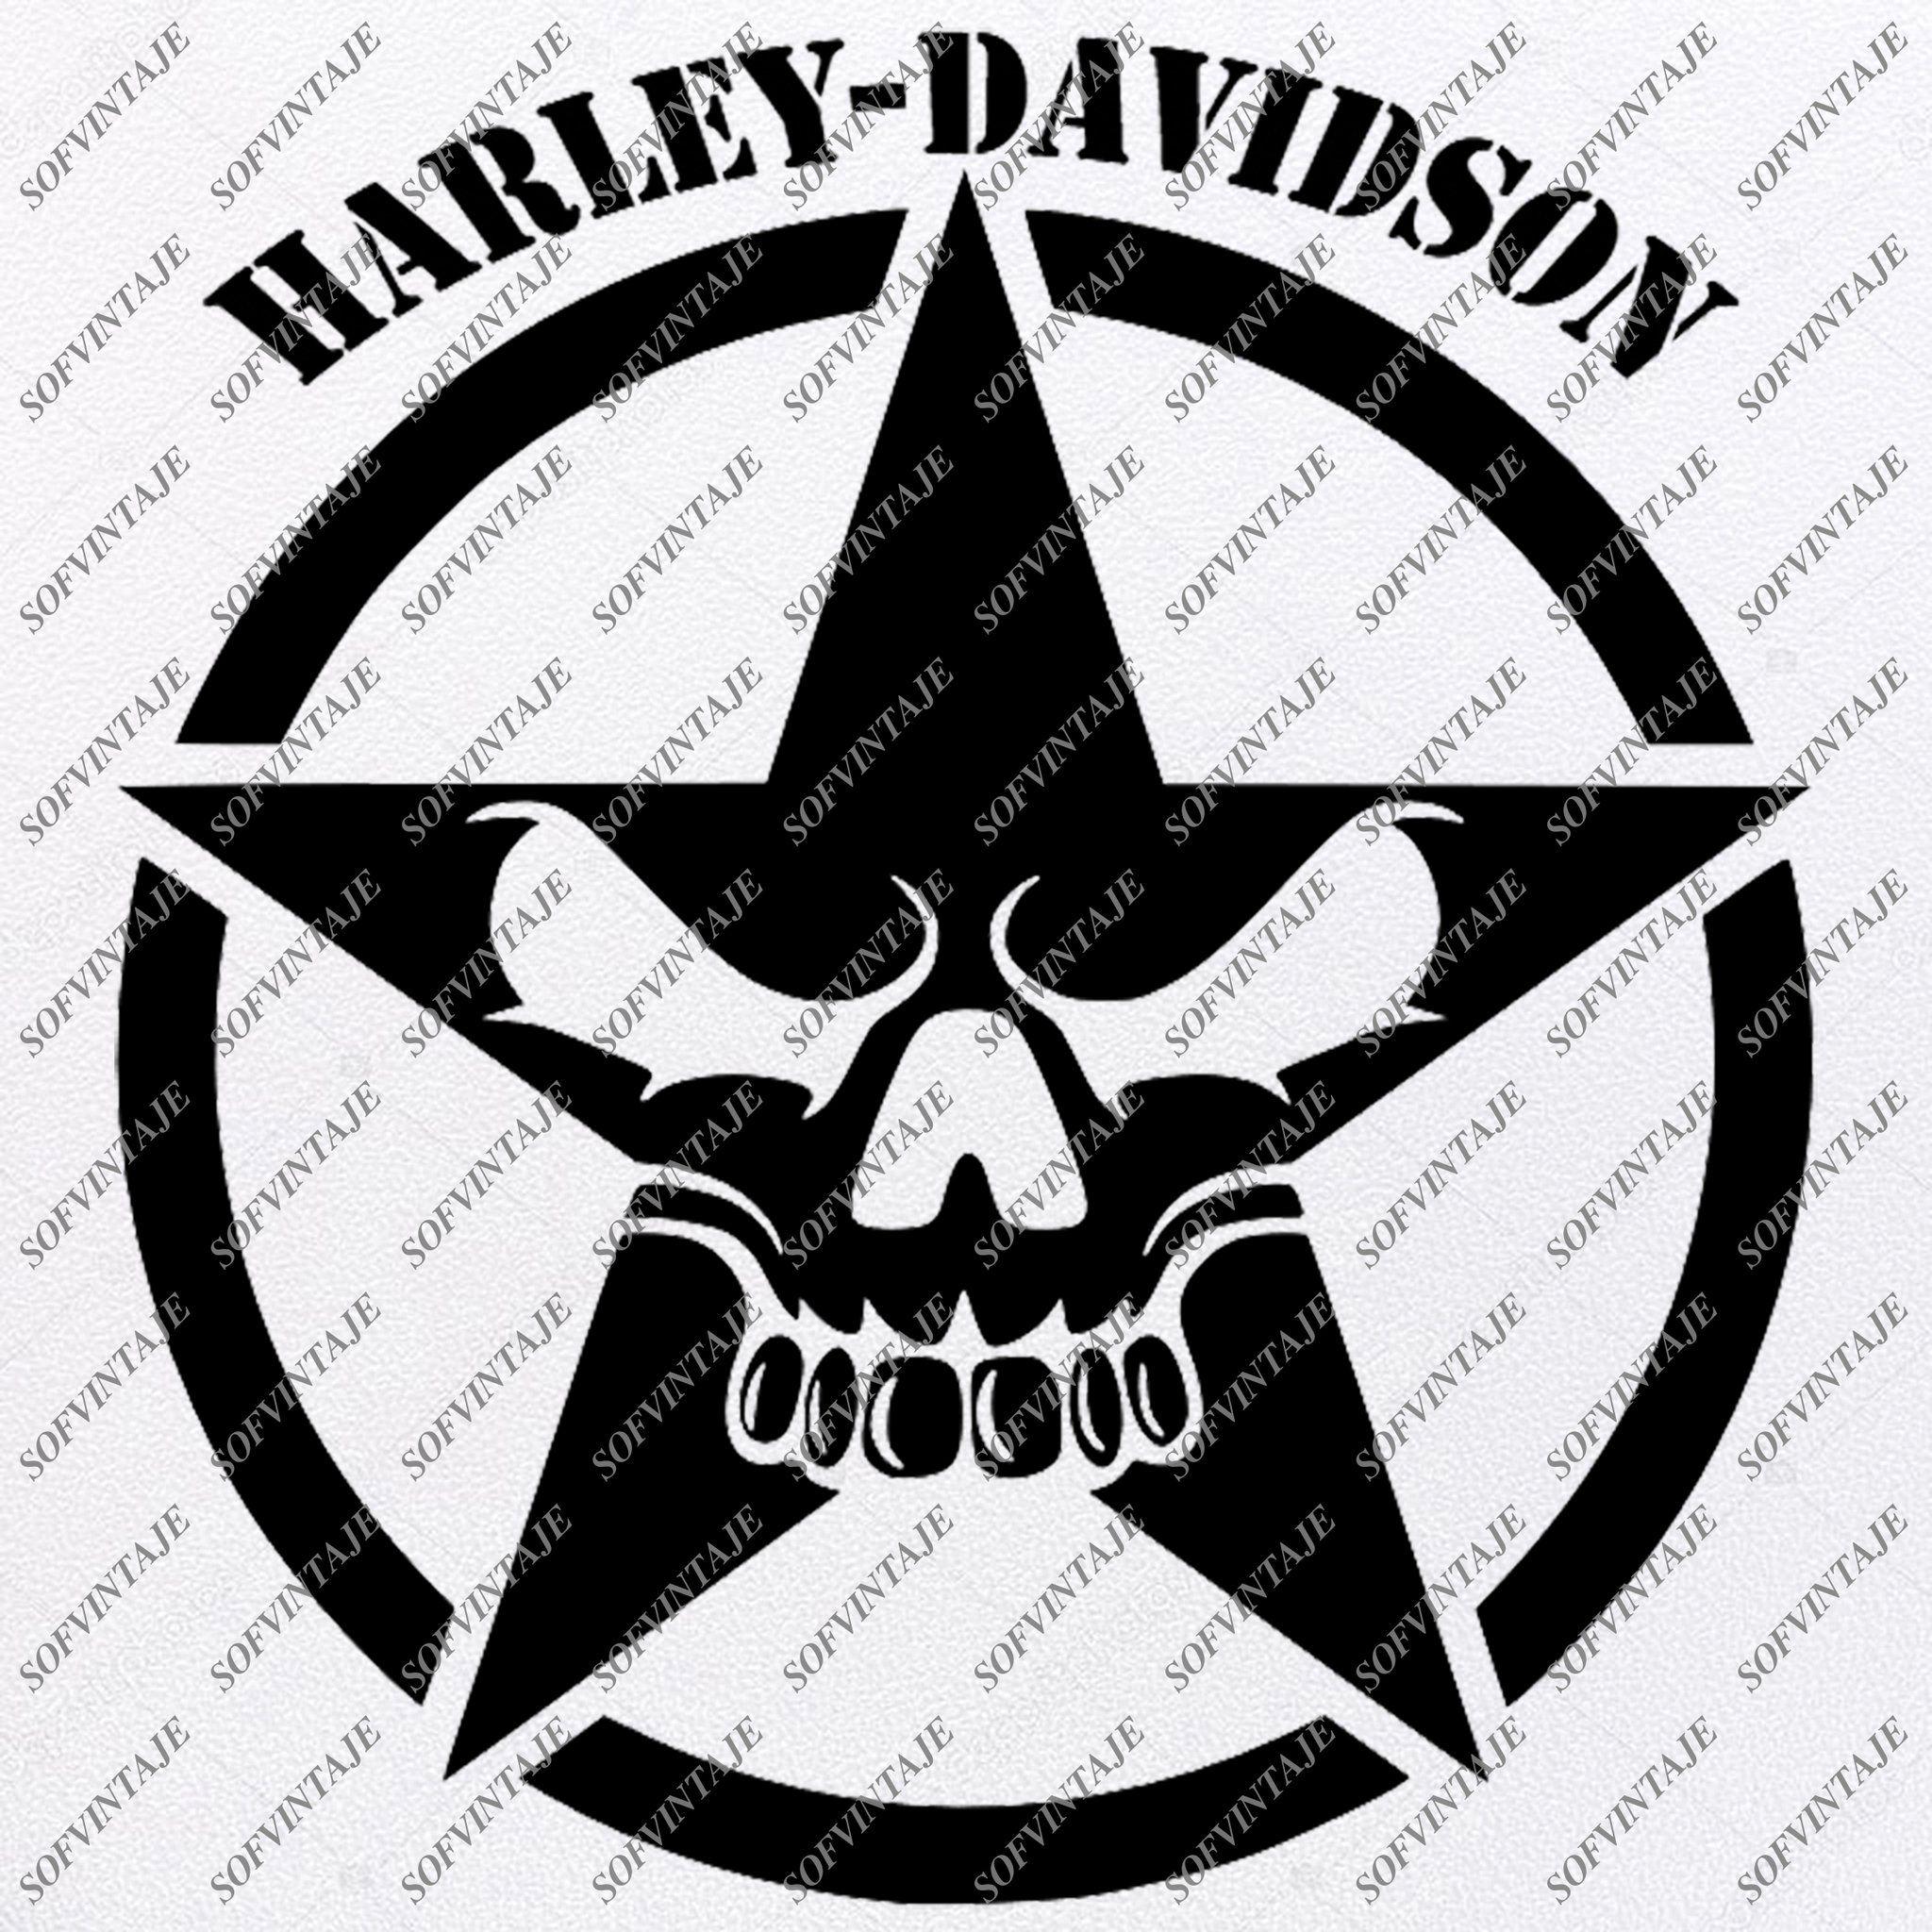 Harley Davidson Svg File Skull Harley Davidson Svg Design Clipart Tattoo For Motorcycle Harley Davitson Png Vector Graphics Svg For Cricut For Silhouette Svg Silhouette Svg Harley Davidson Svg Design